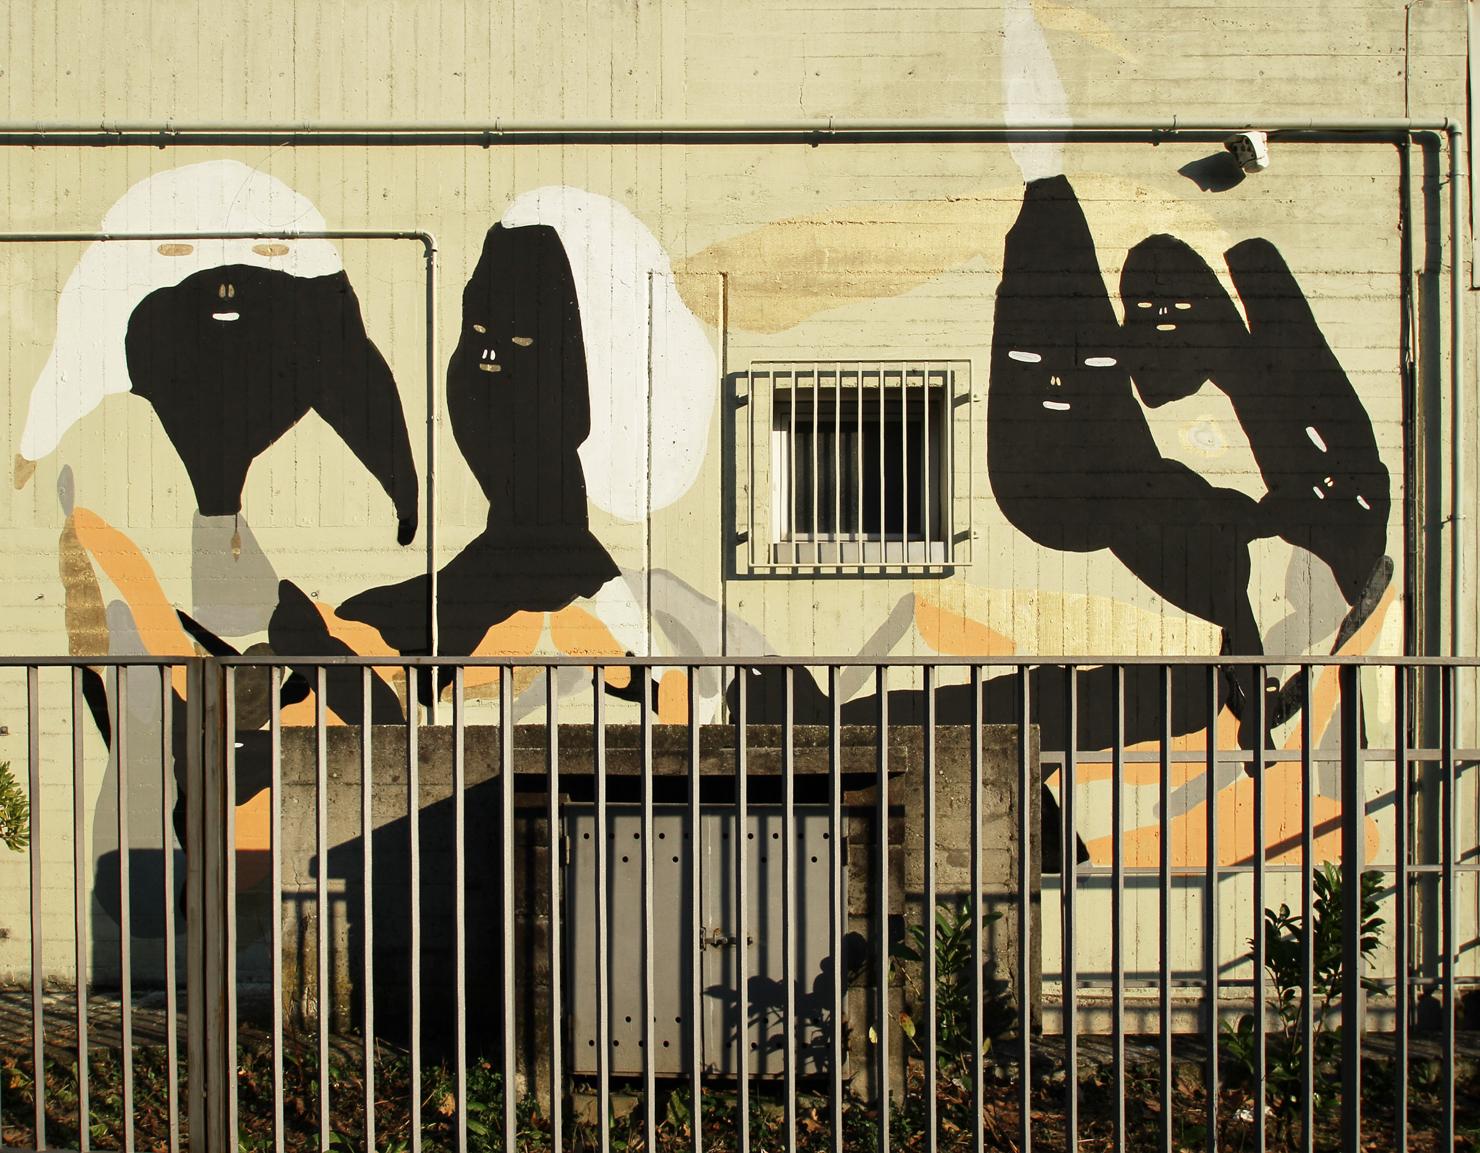 giorgio-bartocci-new-mural-in-monza-08